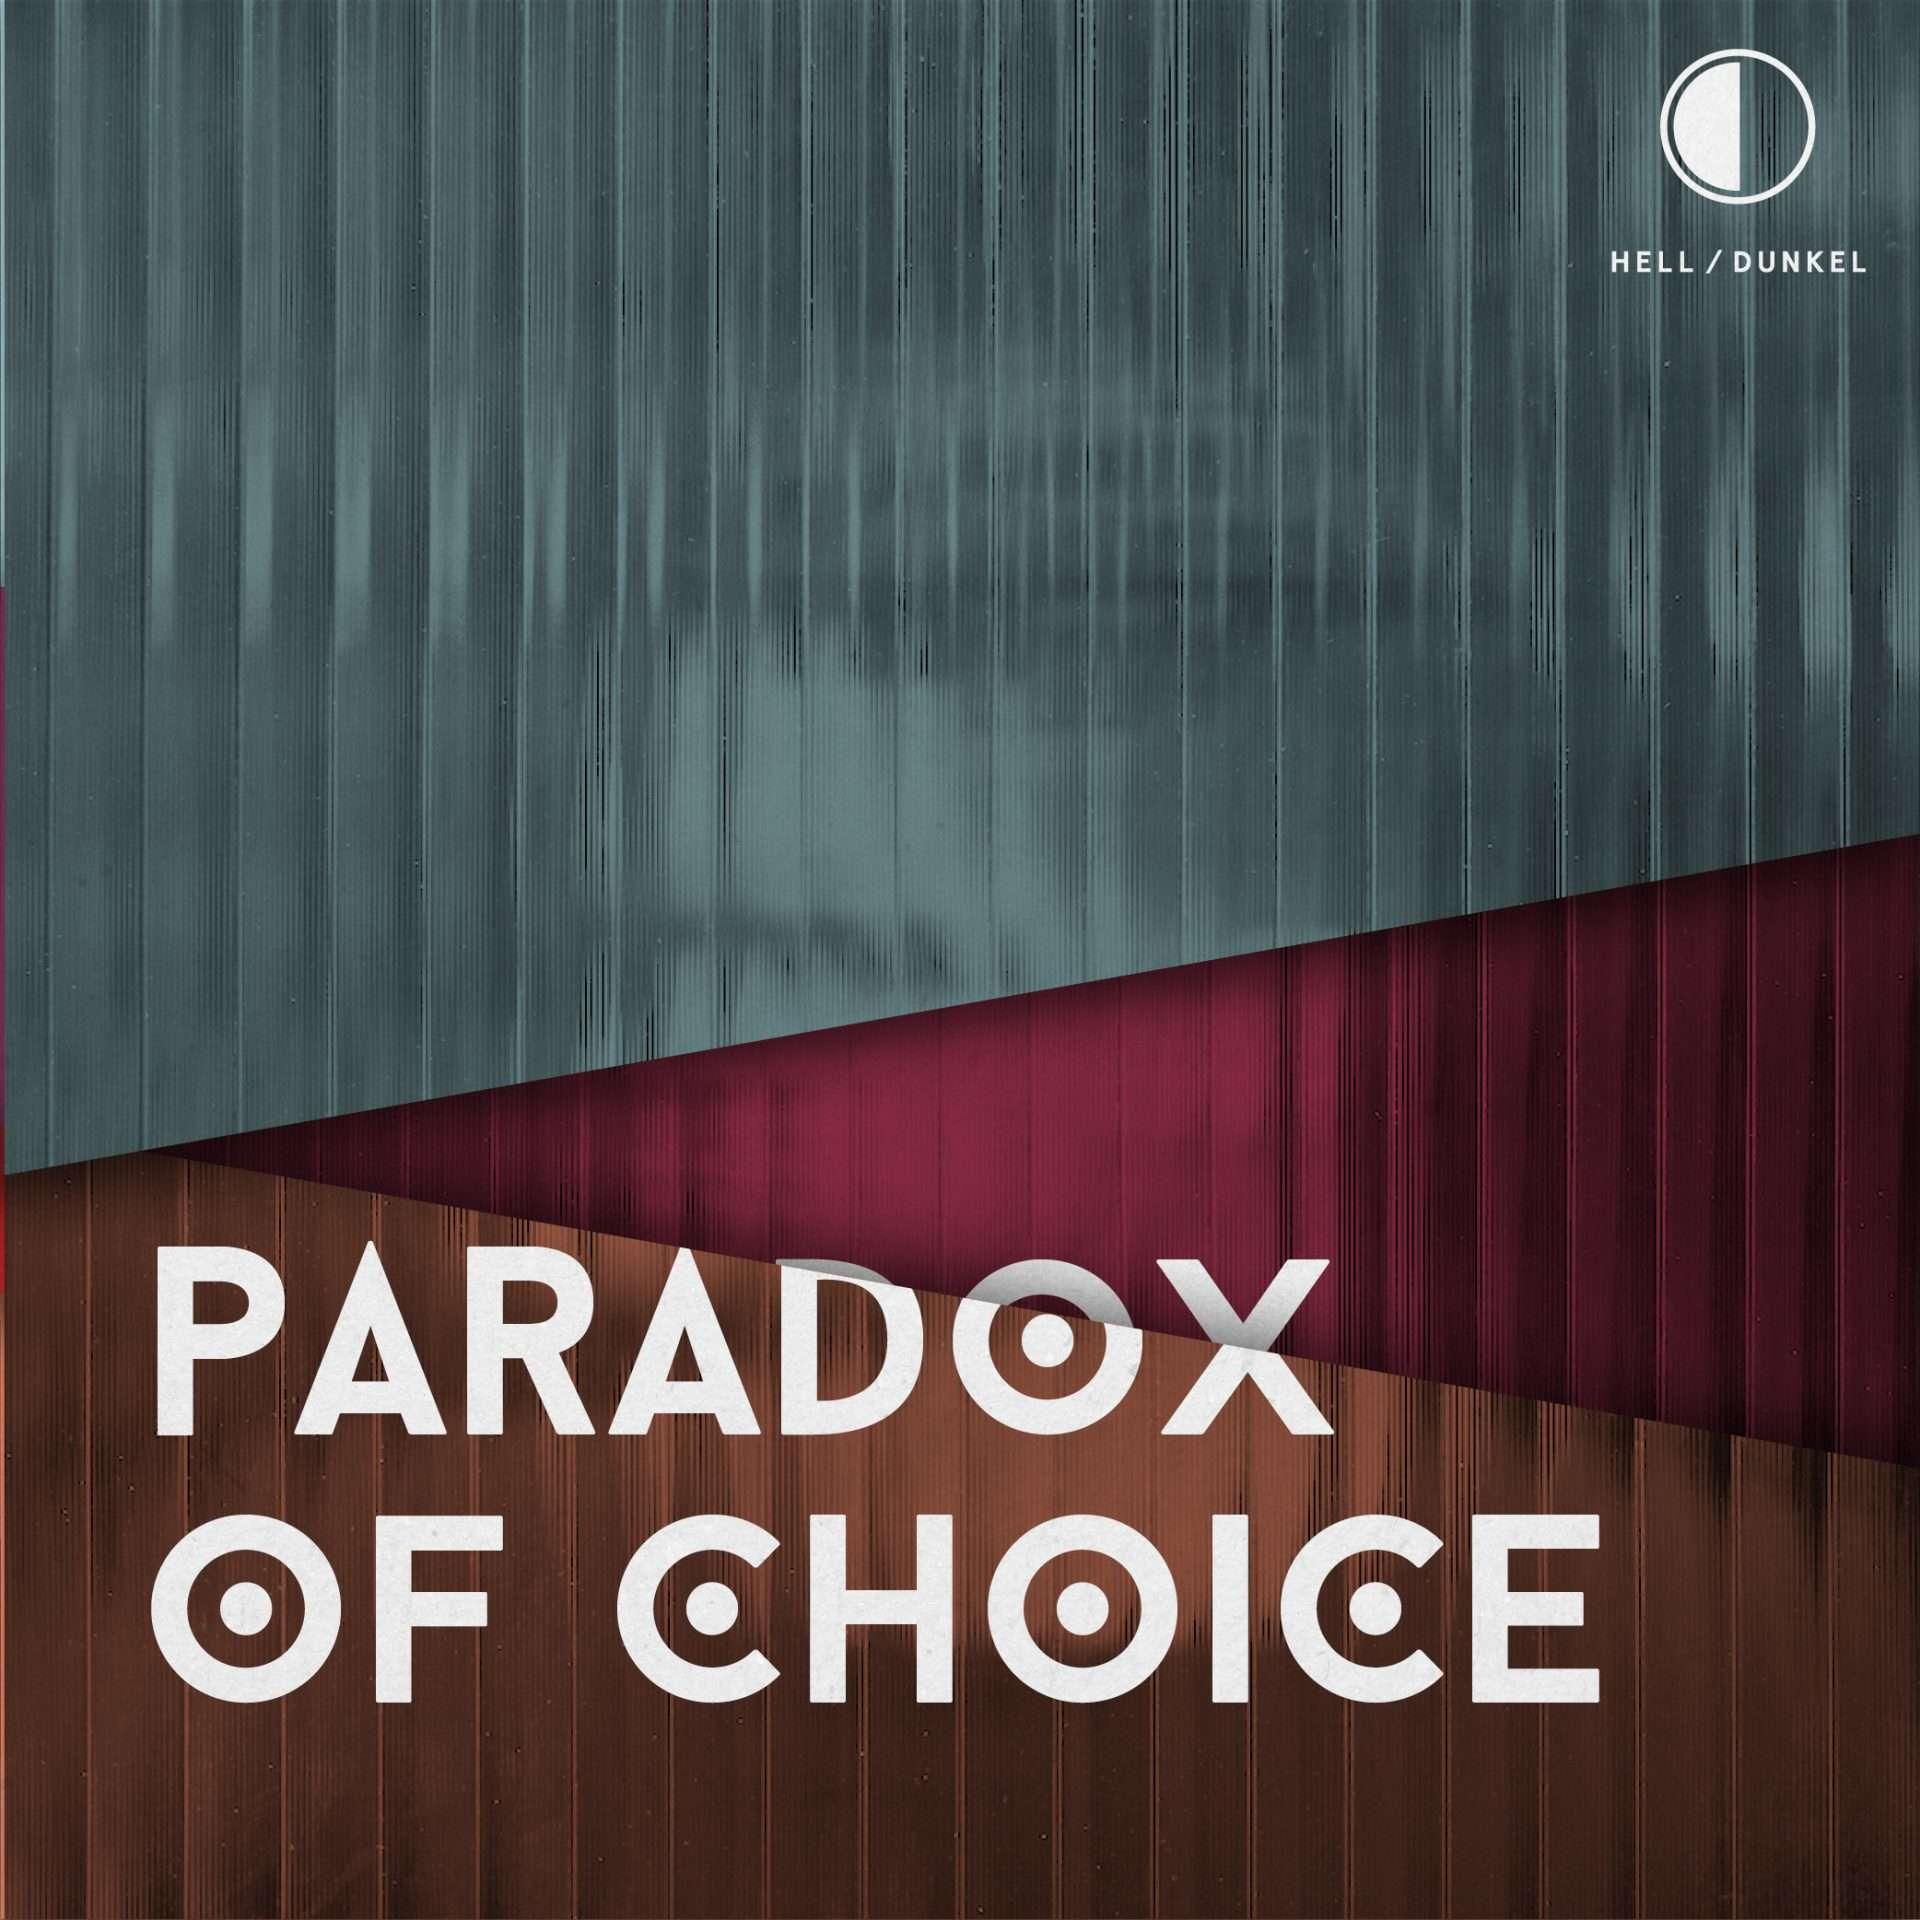 HD_Paradox-of-Choice